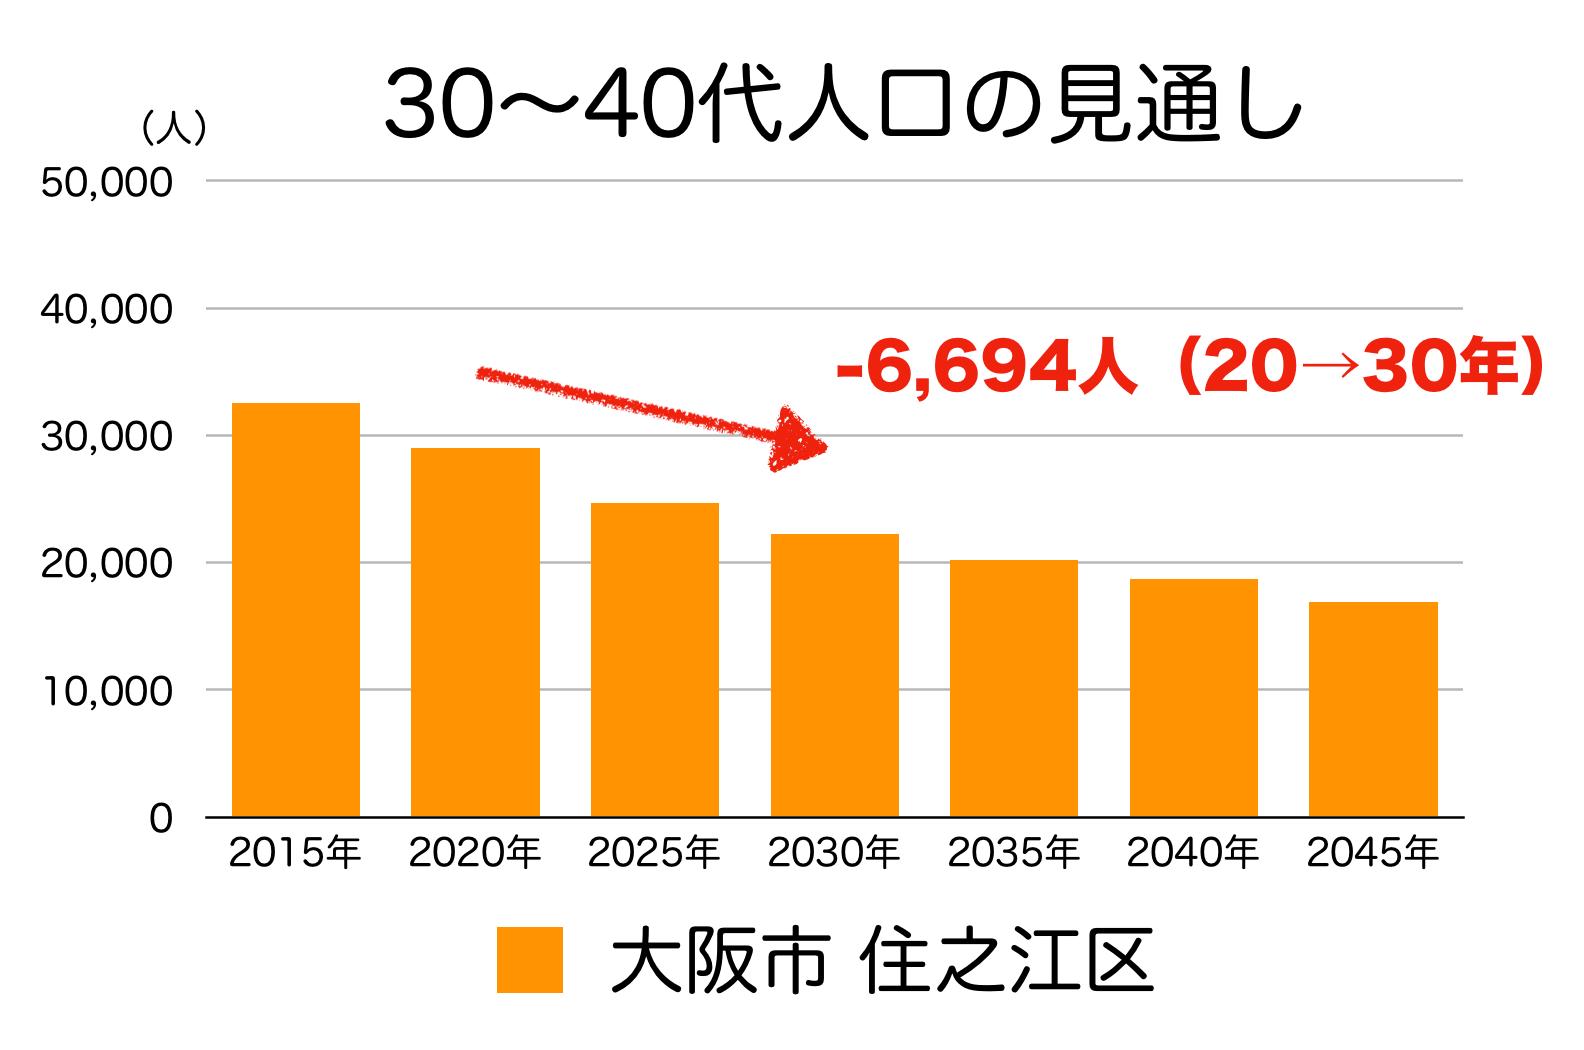 大阪市住之江区の30〜40代人口の予測